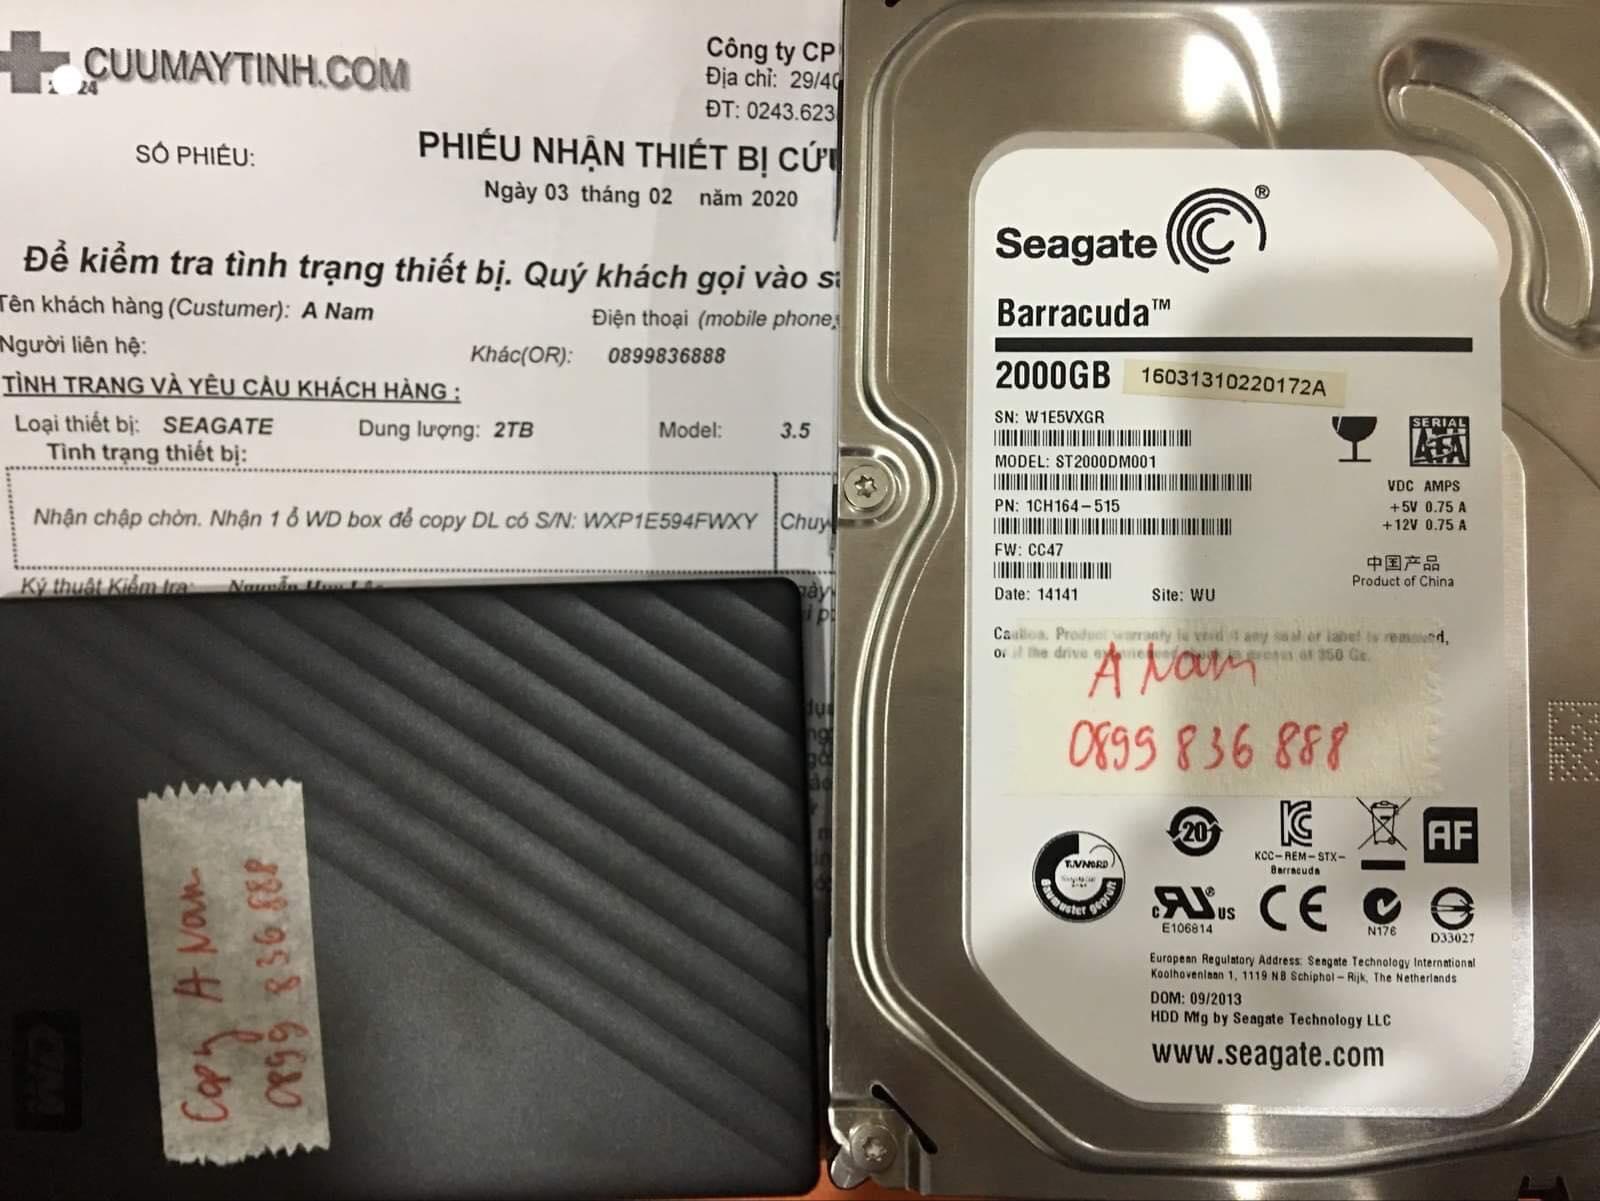 Cứu dữ liệu ổ cứng Seagate 2TB đầu đọc kém 03/02/2020 - cuumaytinh